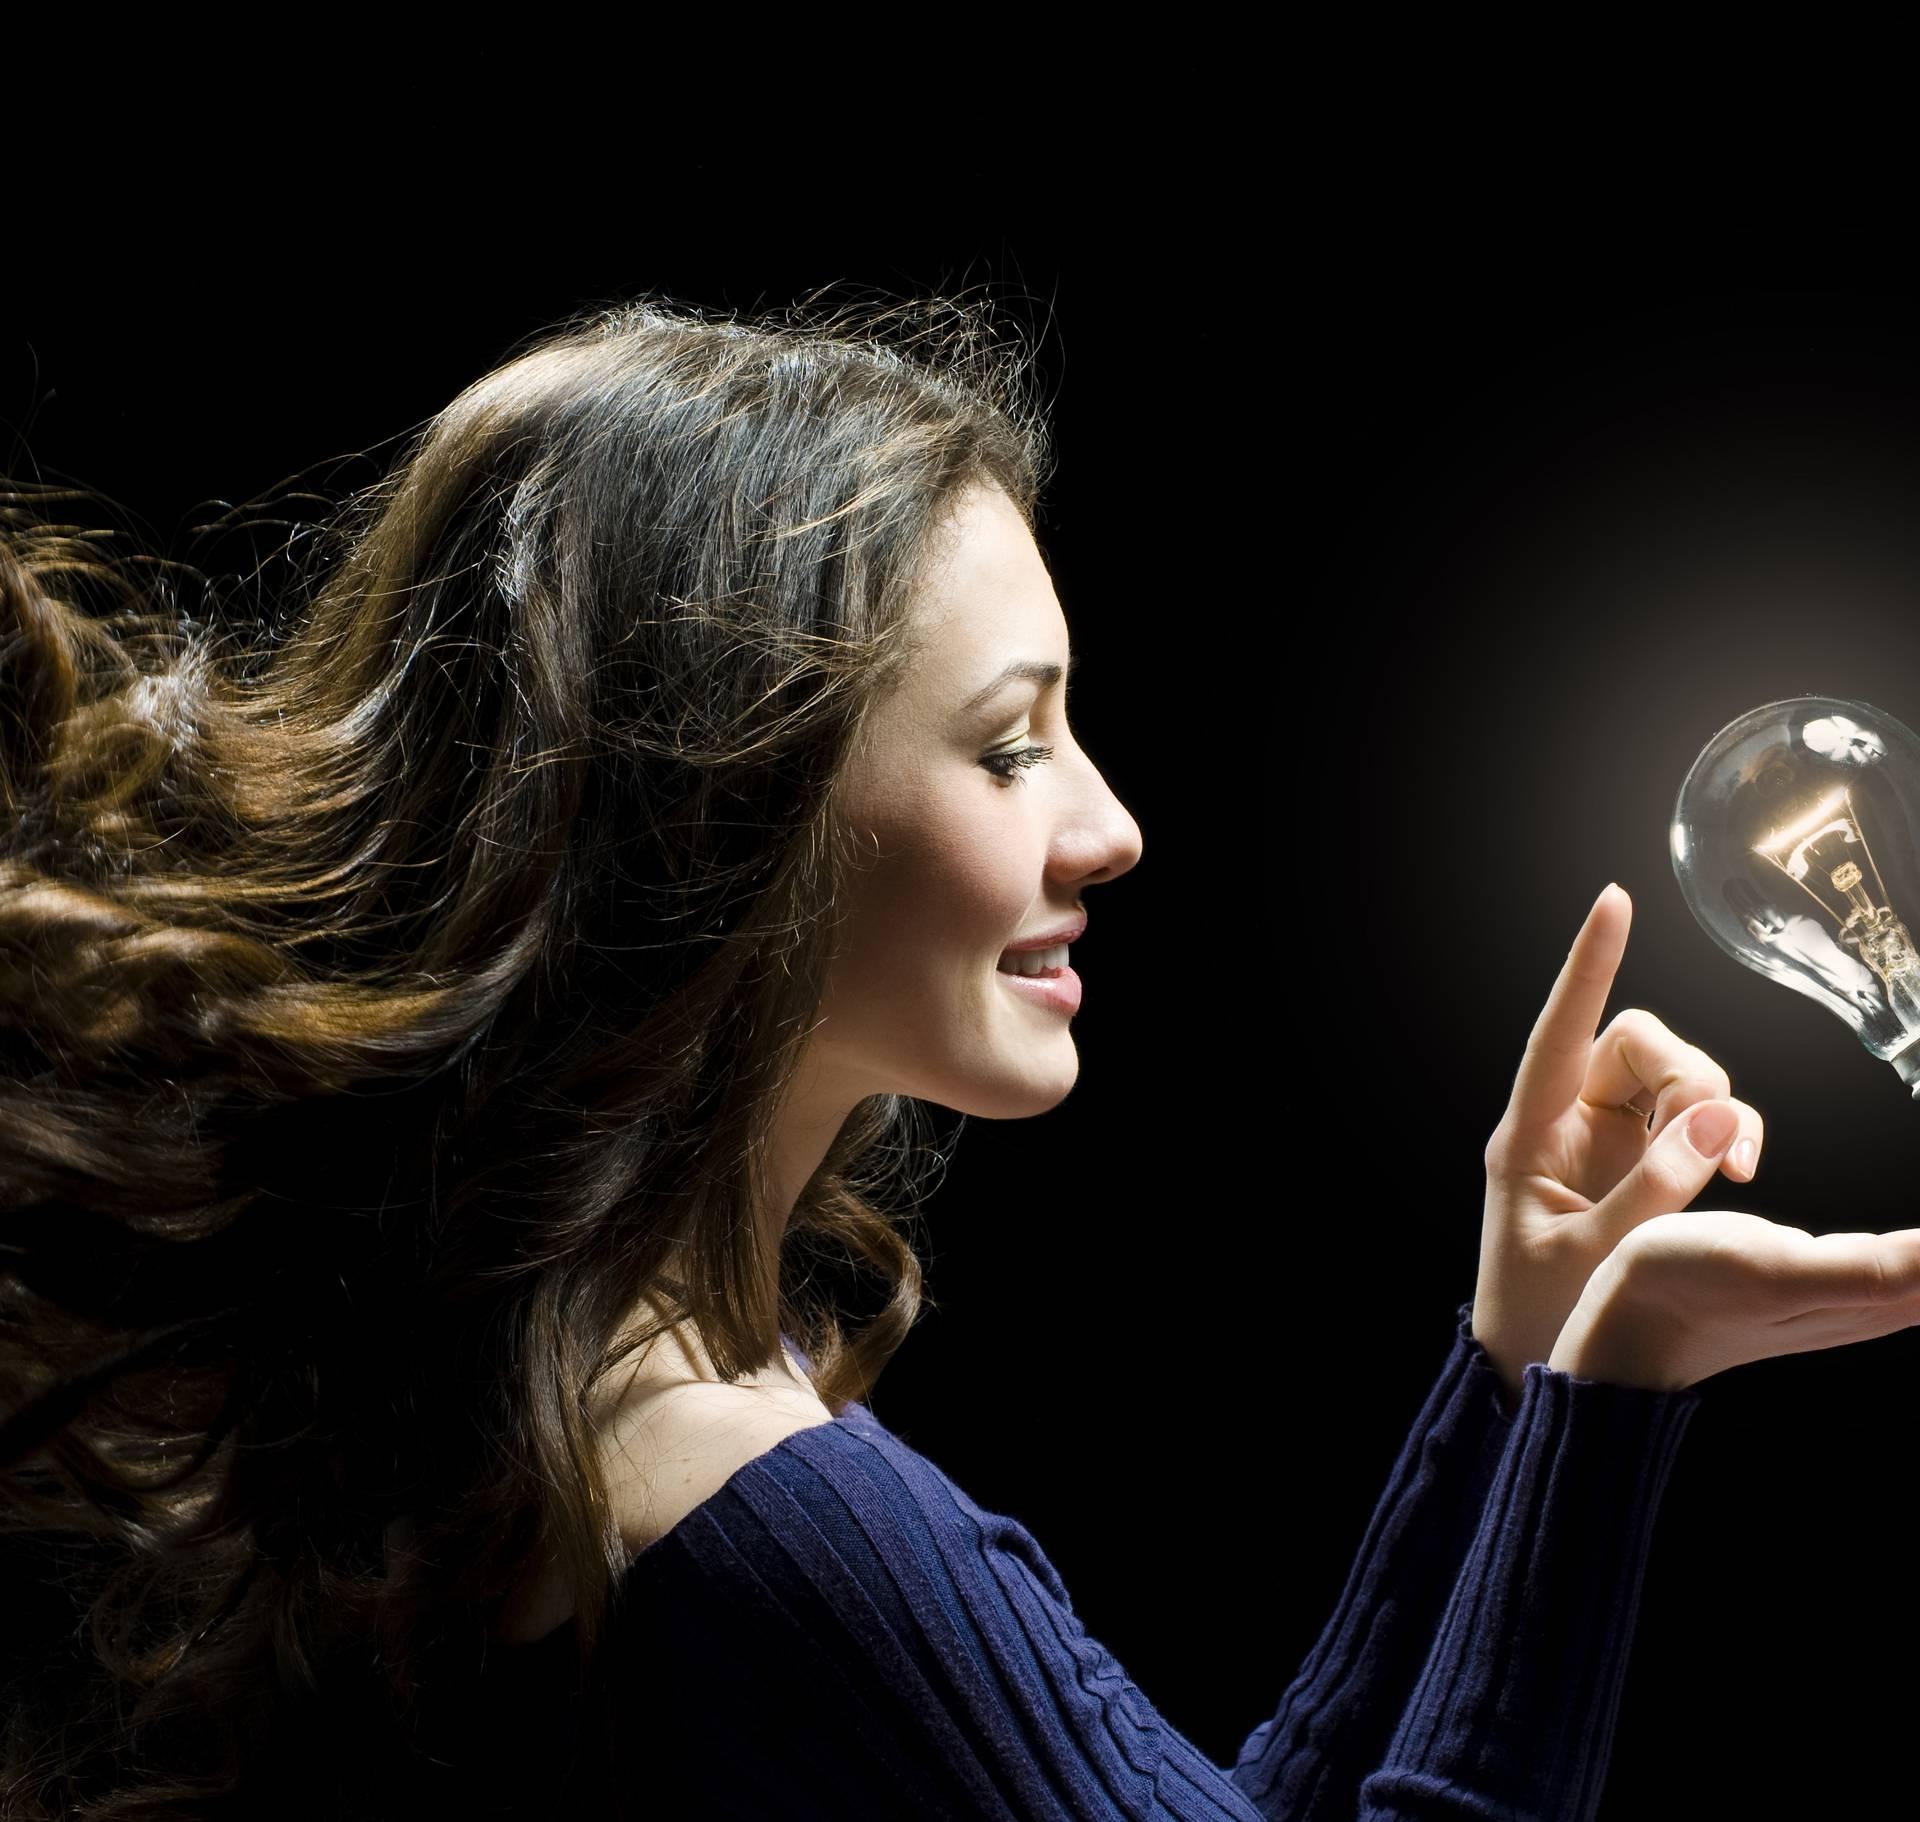 11 pokazatelja da spadate u natprosječno inteligentne ljude